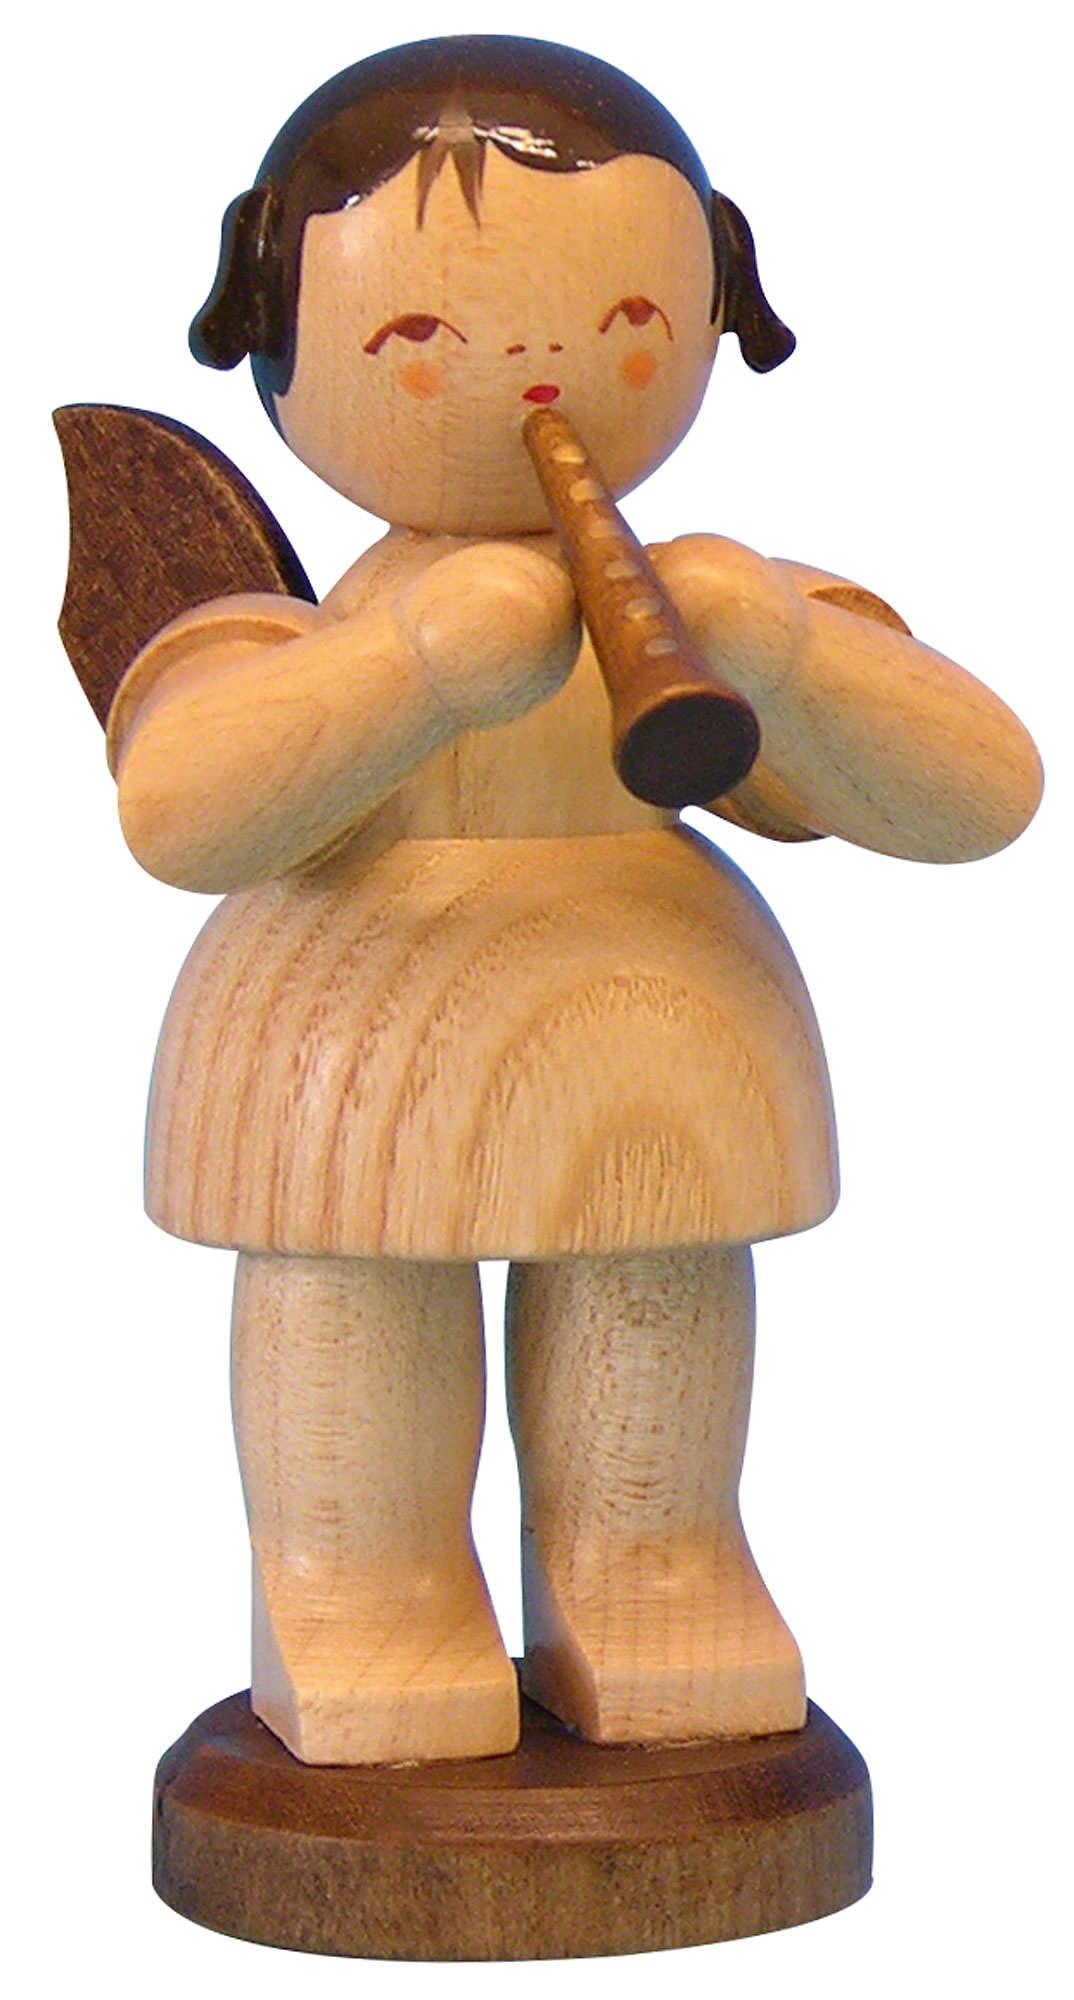 Engel mit Flöte - natur - stehend (9,5 cm) von Uhlig